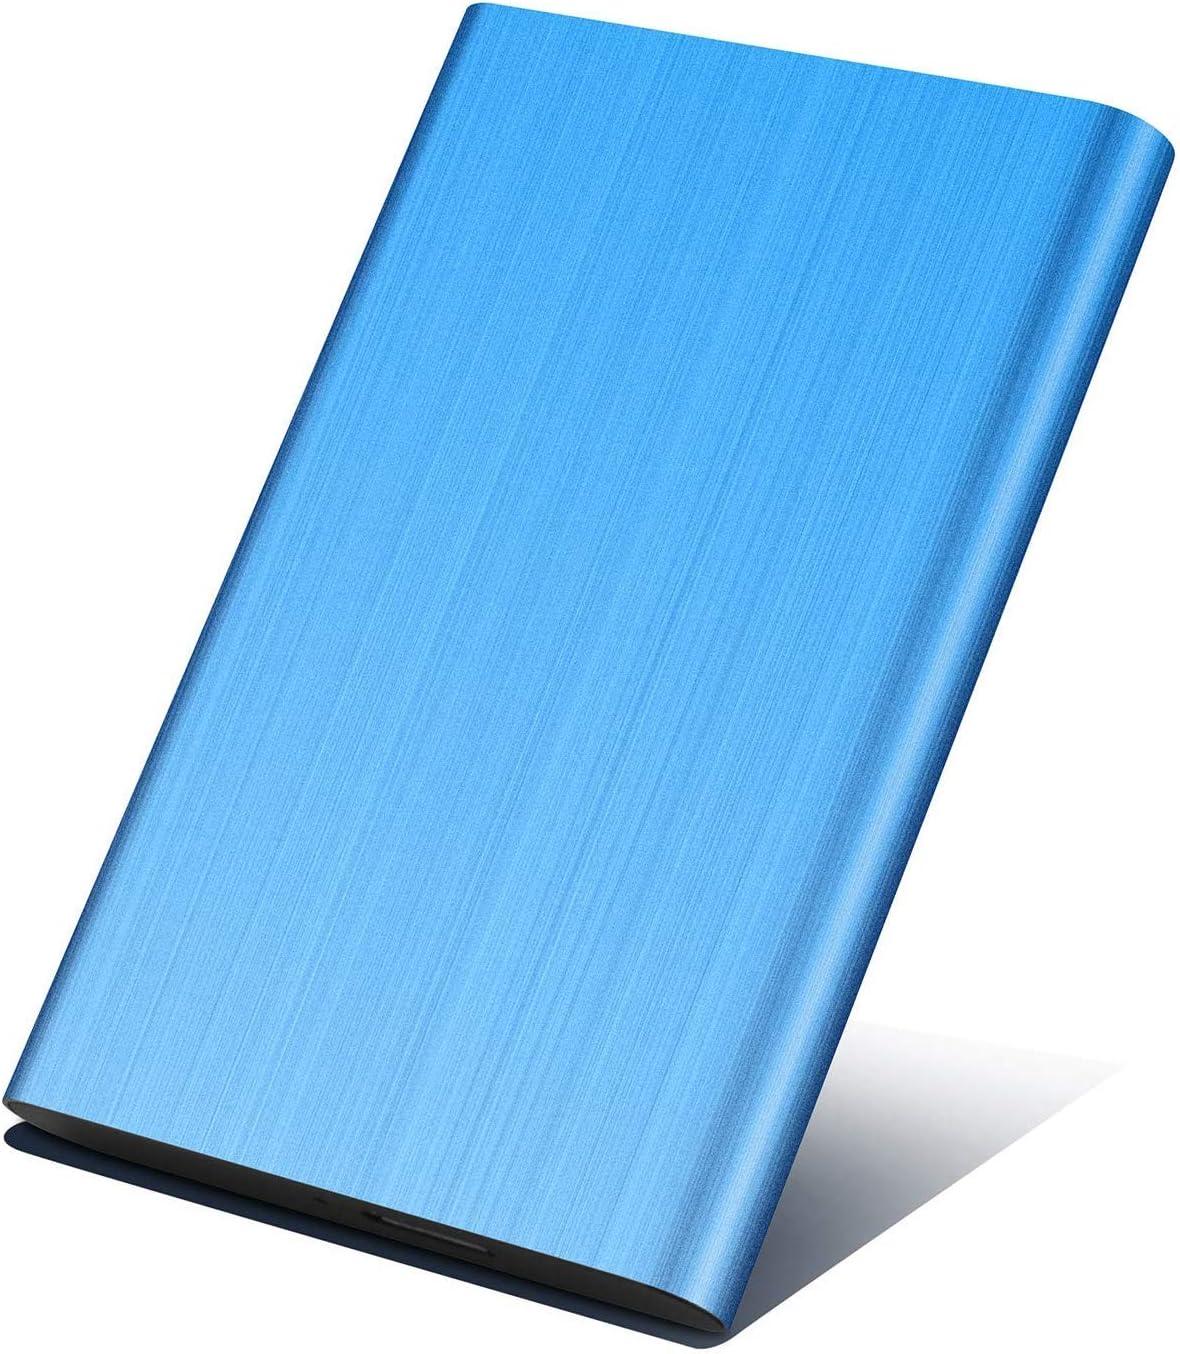 1 TB//2 TB, disco duro externo delgado compatible con PC, port/átil y Mac rosso 2 tb Disco duro externo port/átil